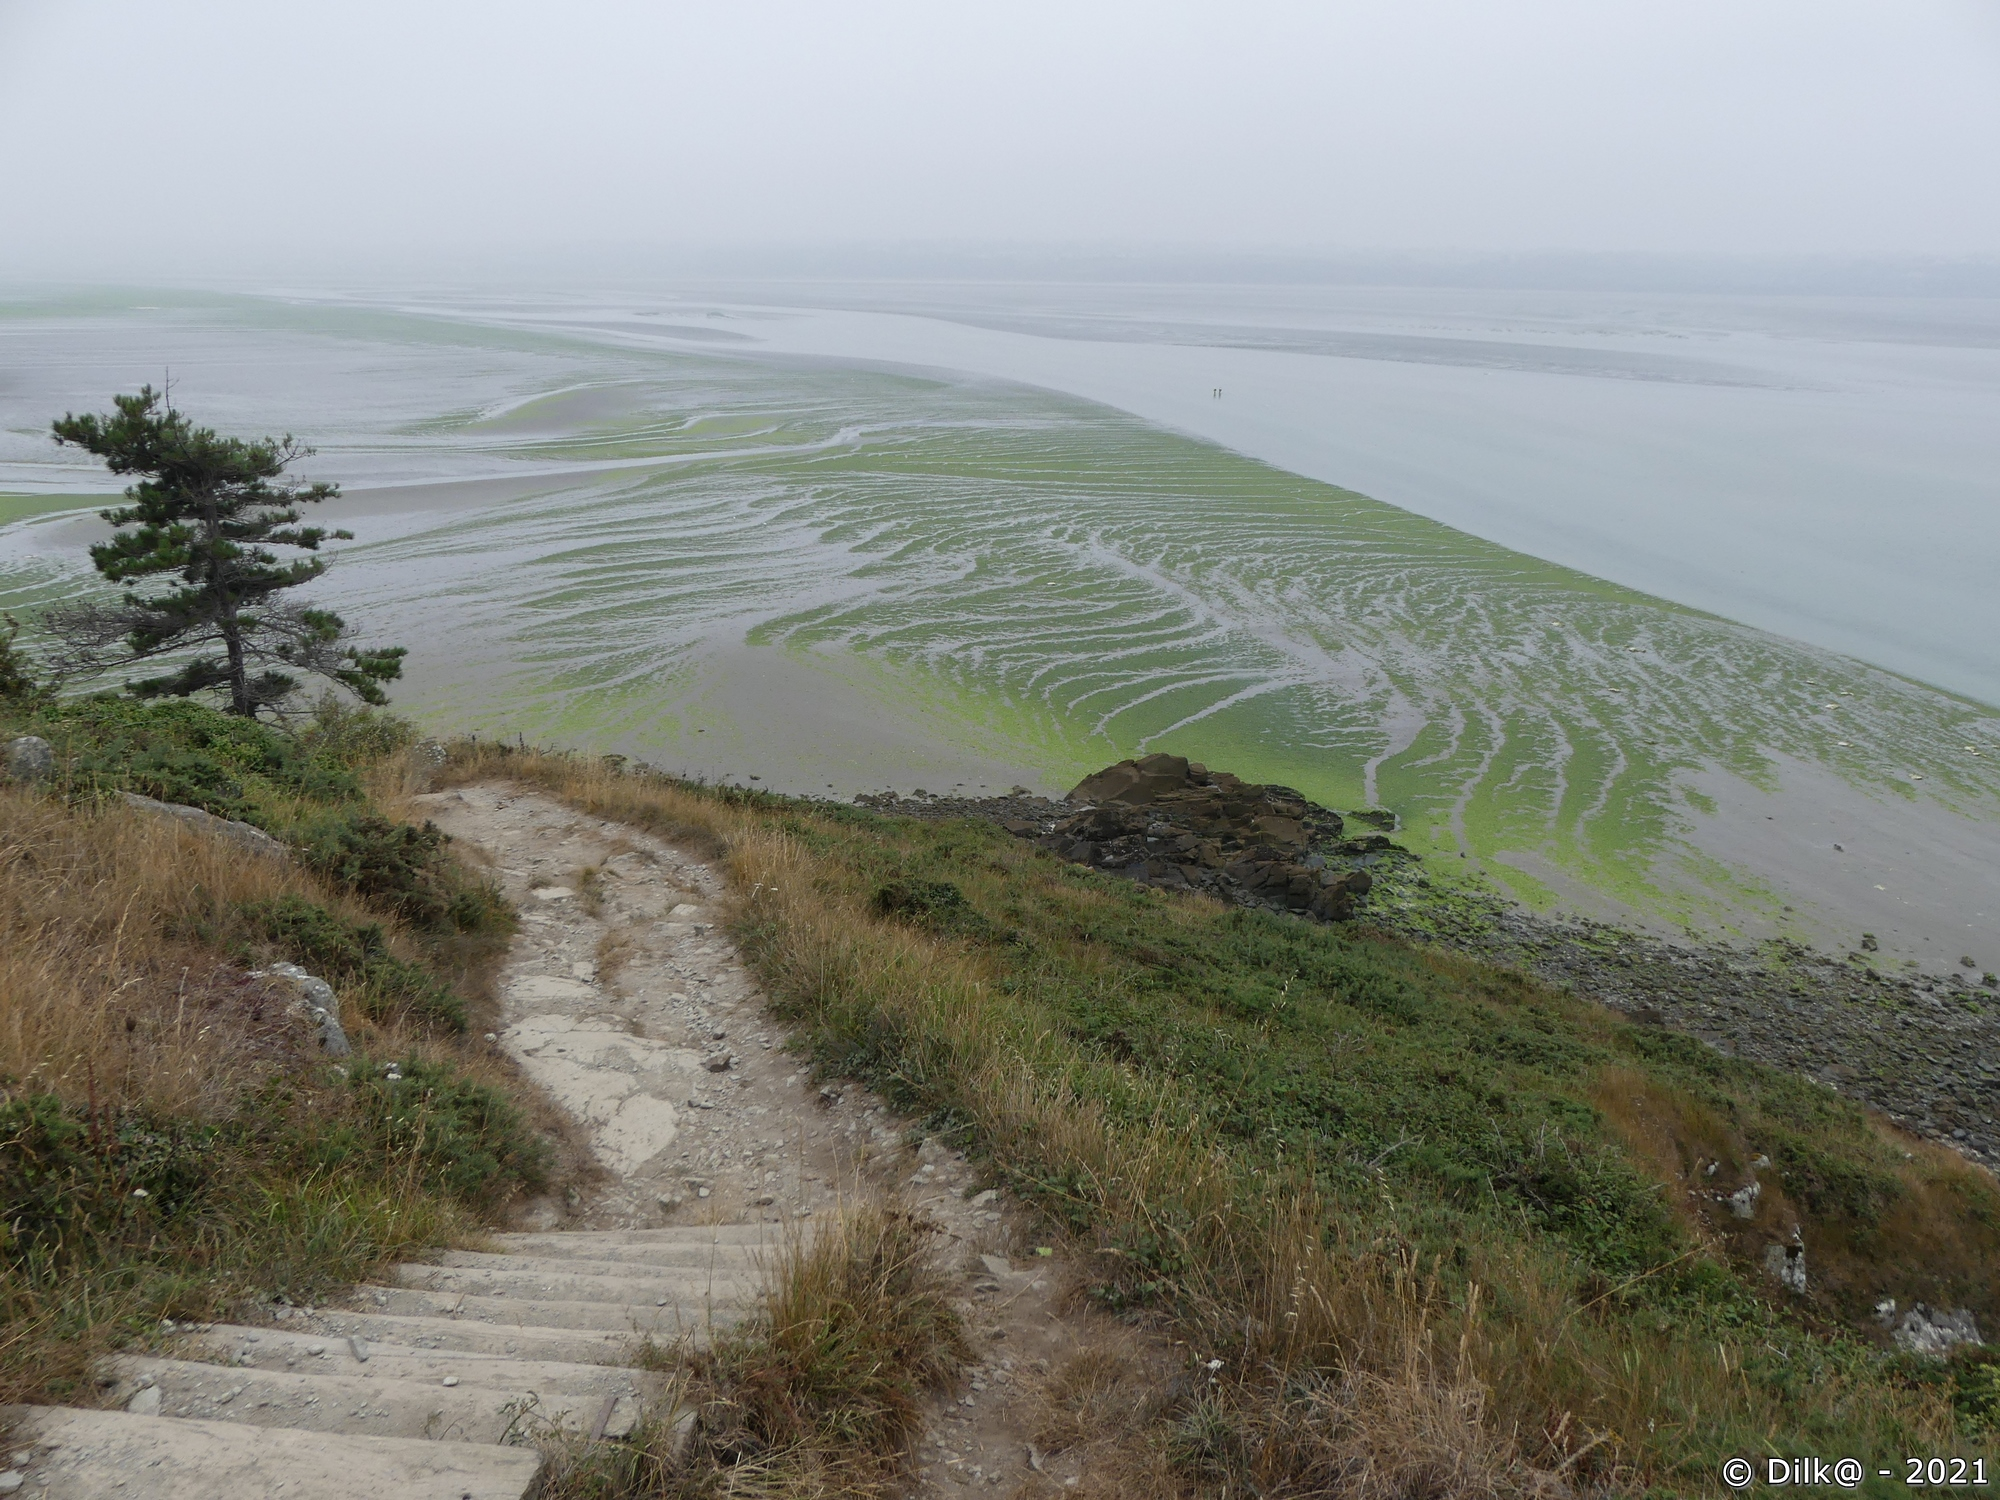 L'estran à la pointe du Grouin avec les algues vertes